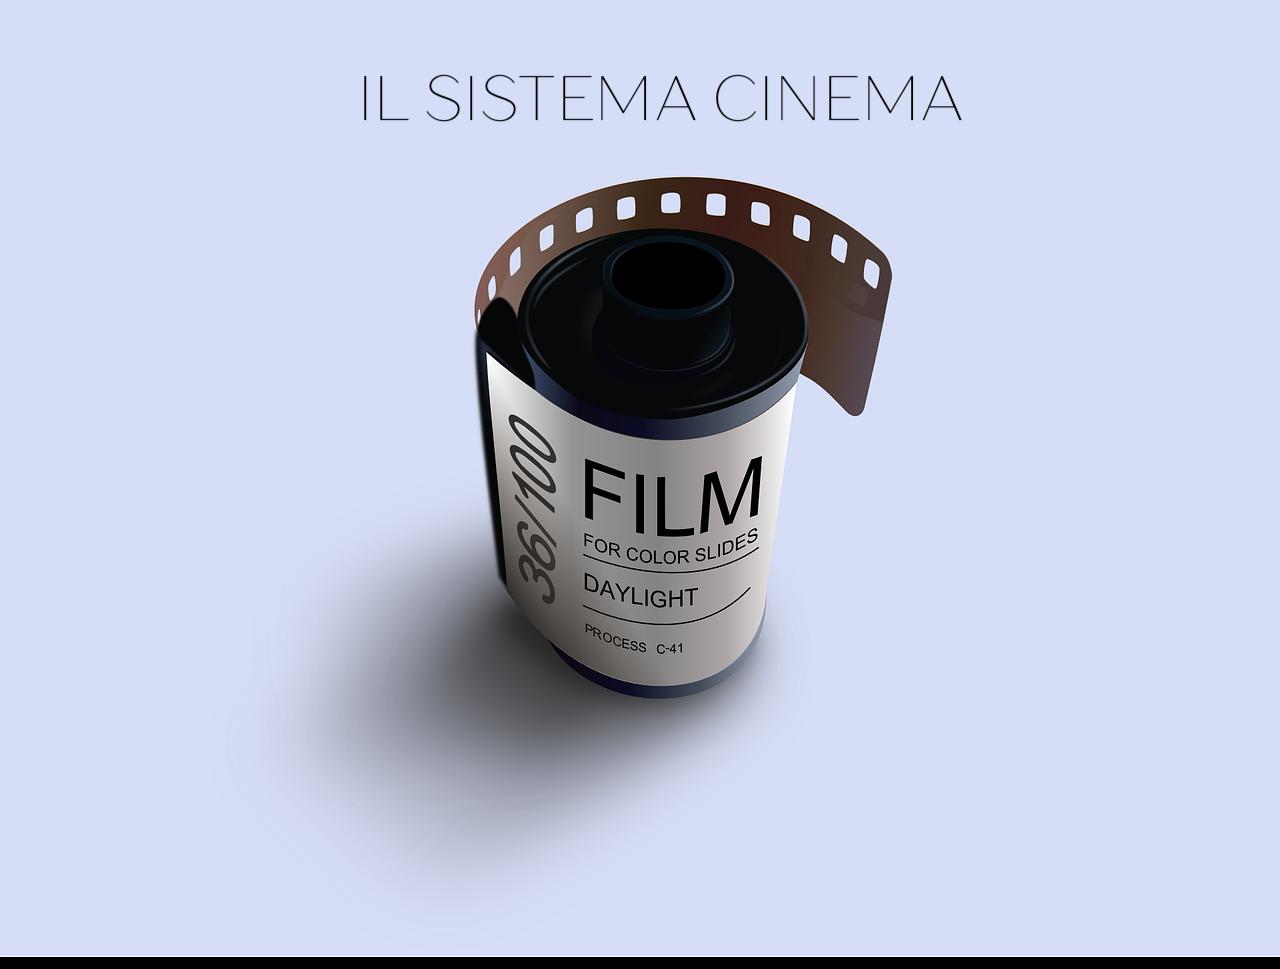 IL SISTEMA CINEMA